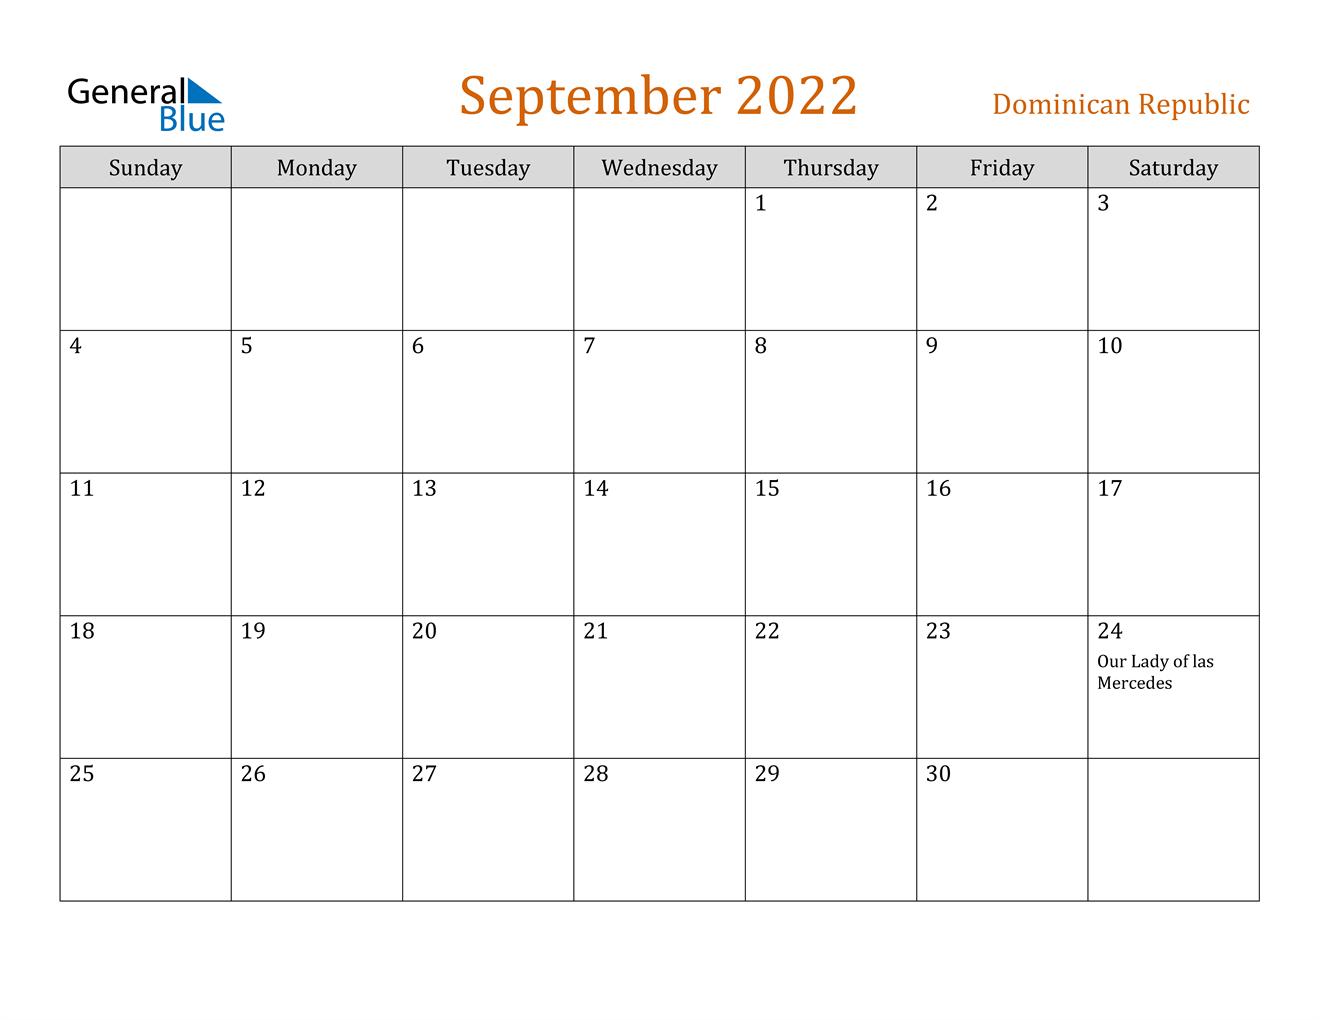 September 2022 Calendar - Dominican Republic